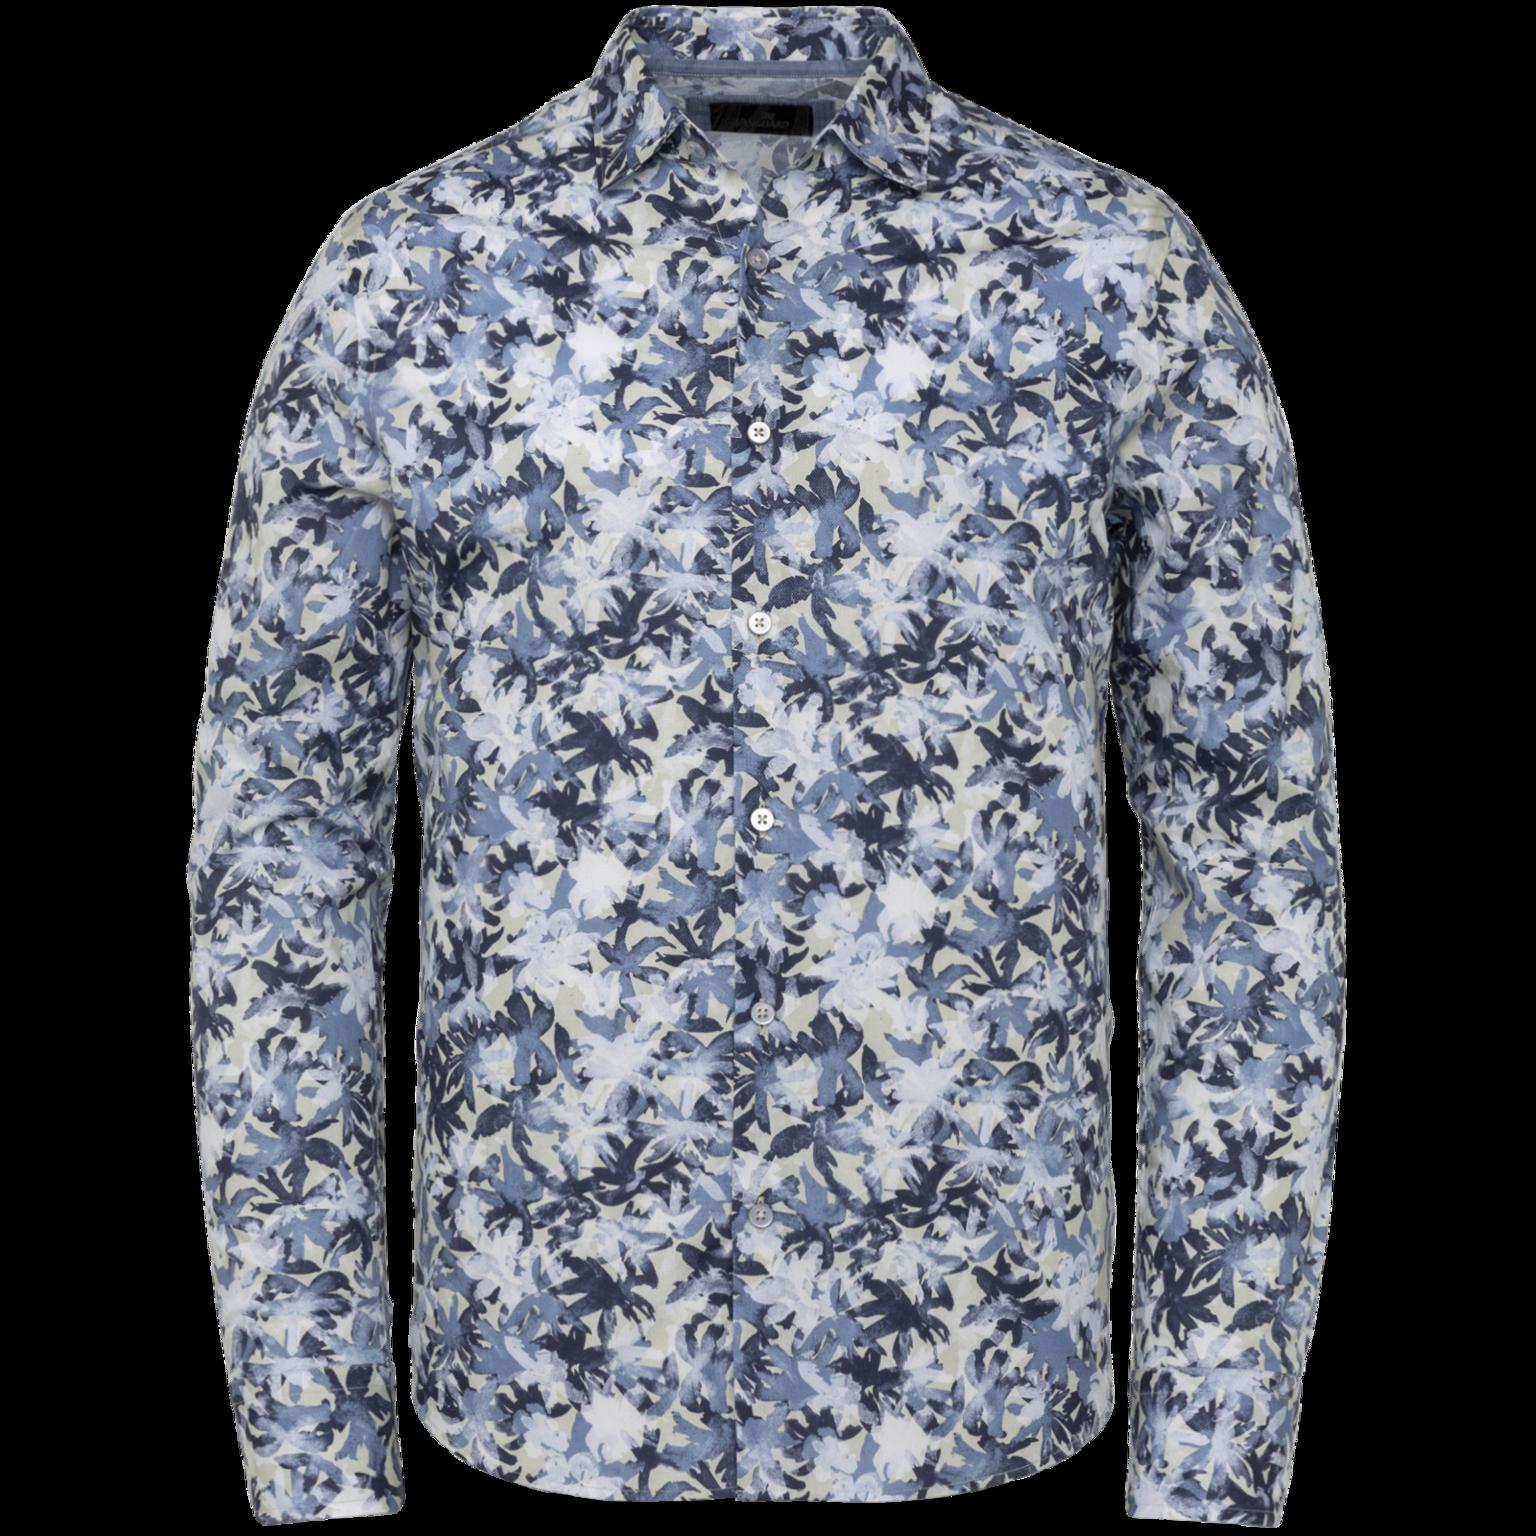 VANGUARD chemise longues manches motifs-1